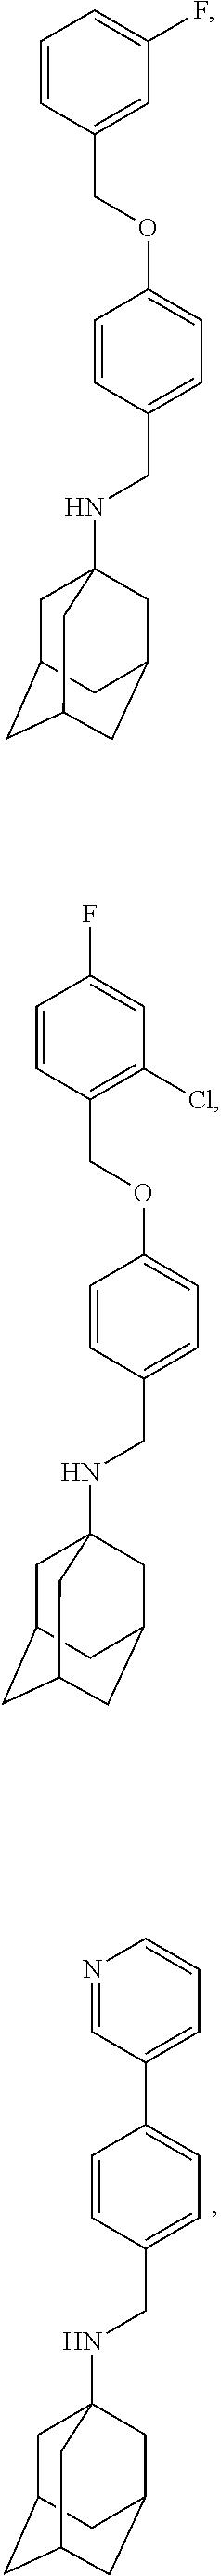 Figure US09884832-20180206-C00133